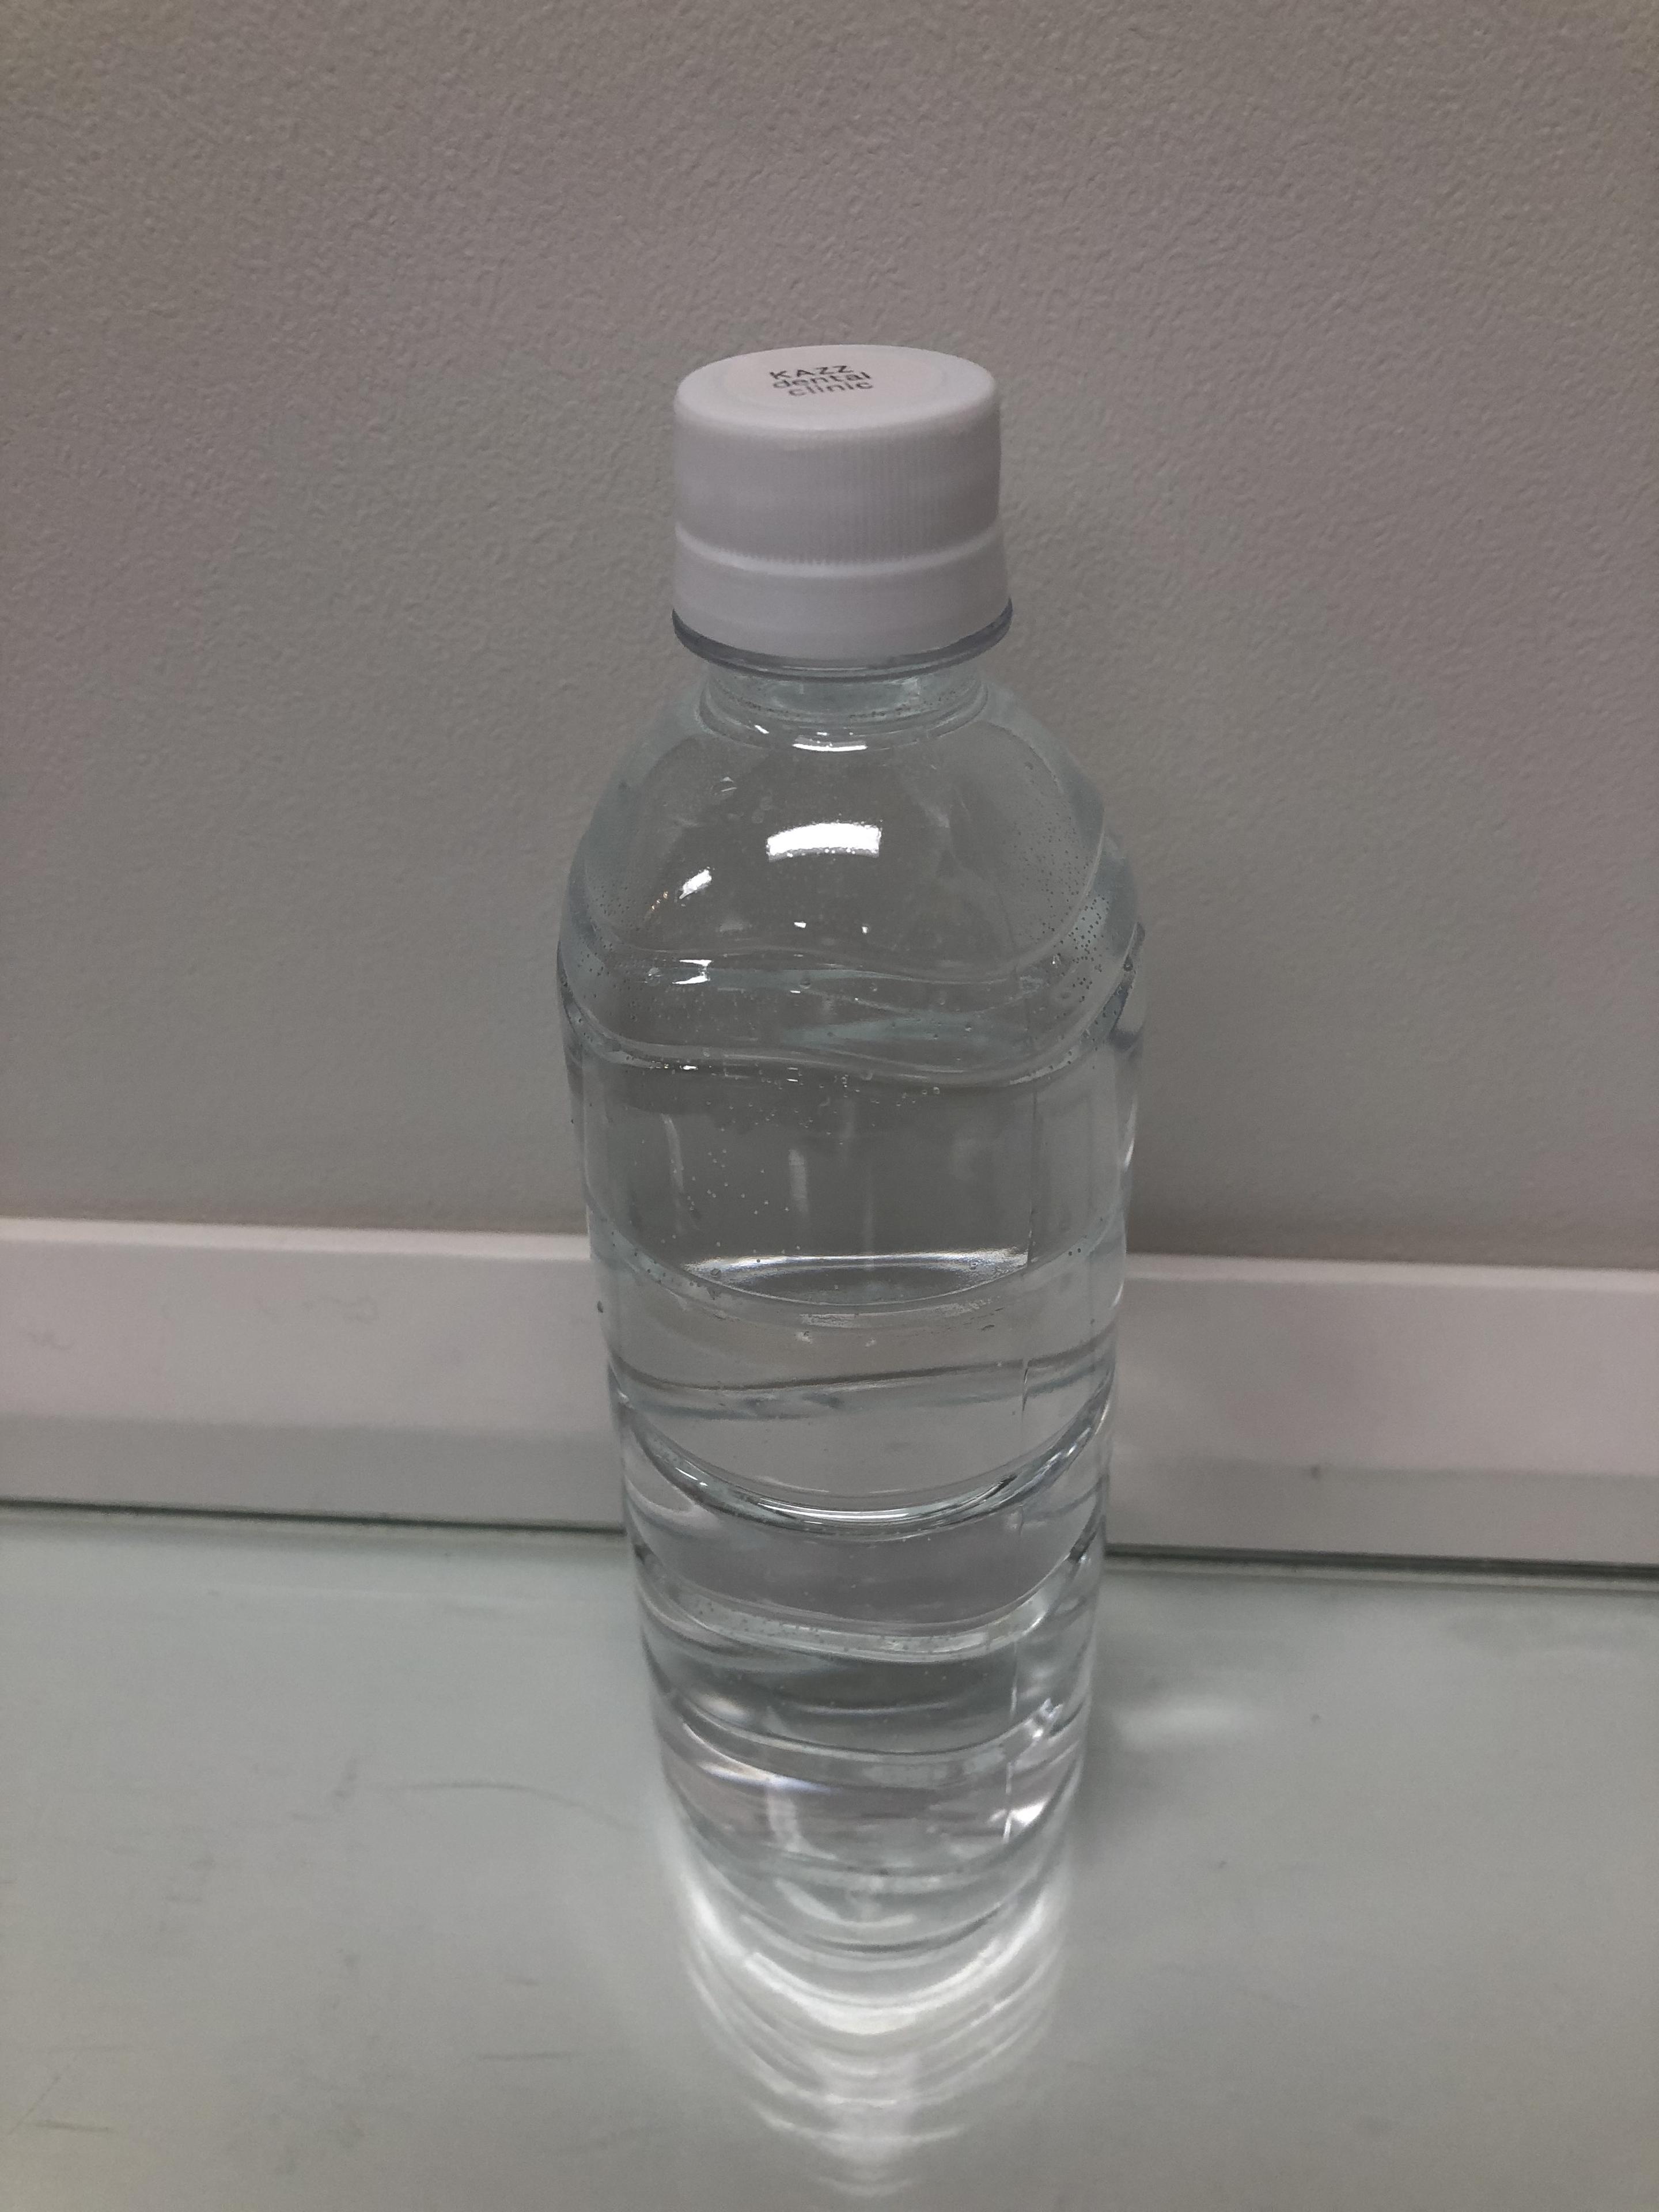 院内で次亜塩素水を使用しています